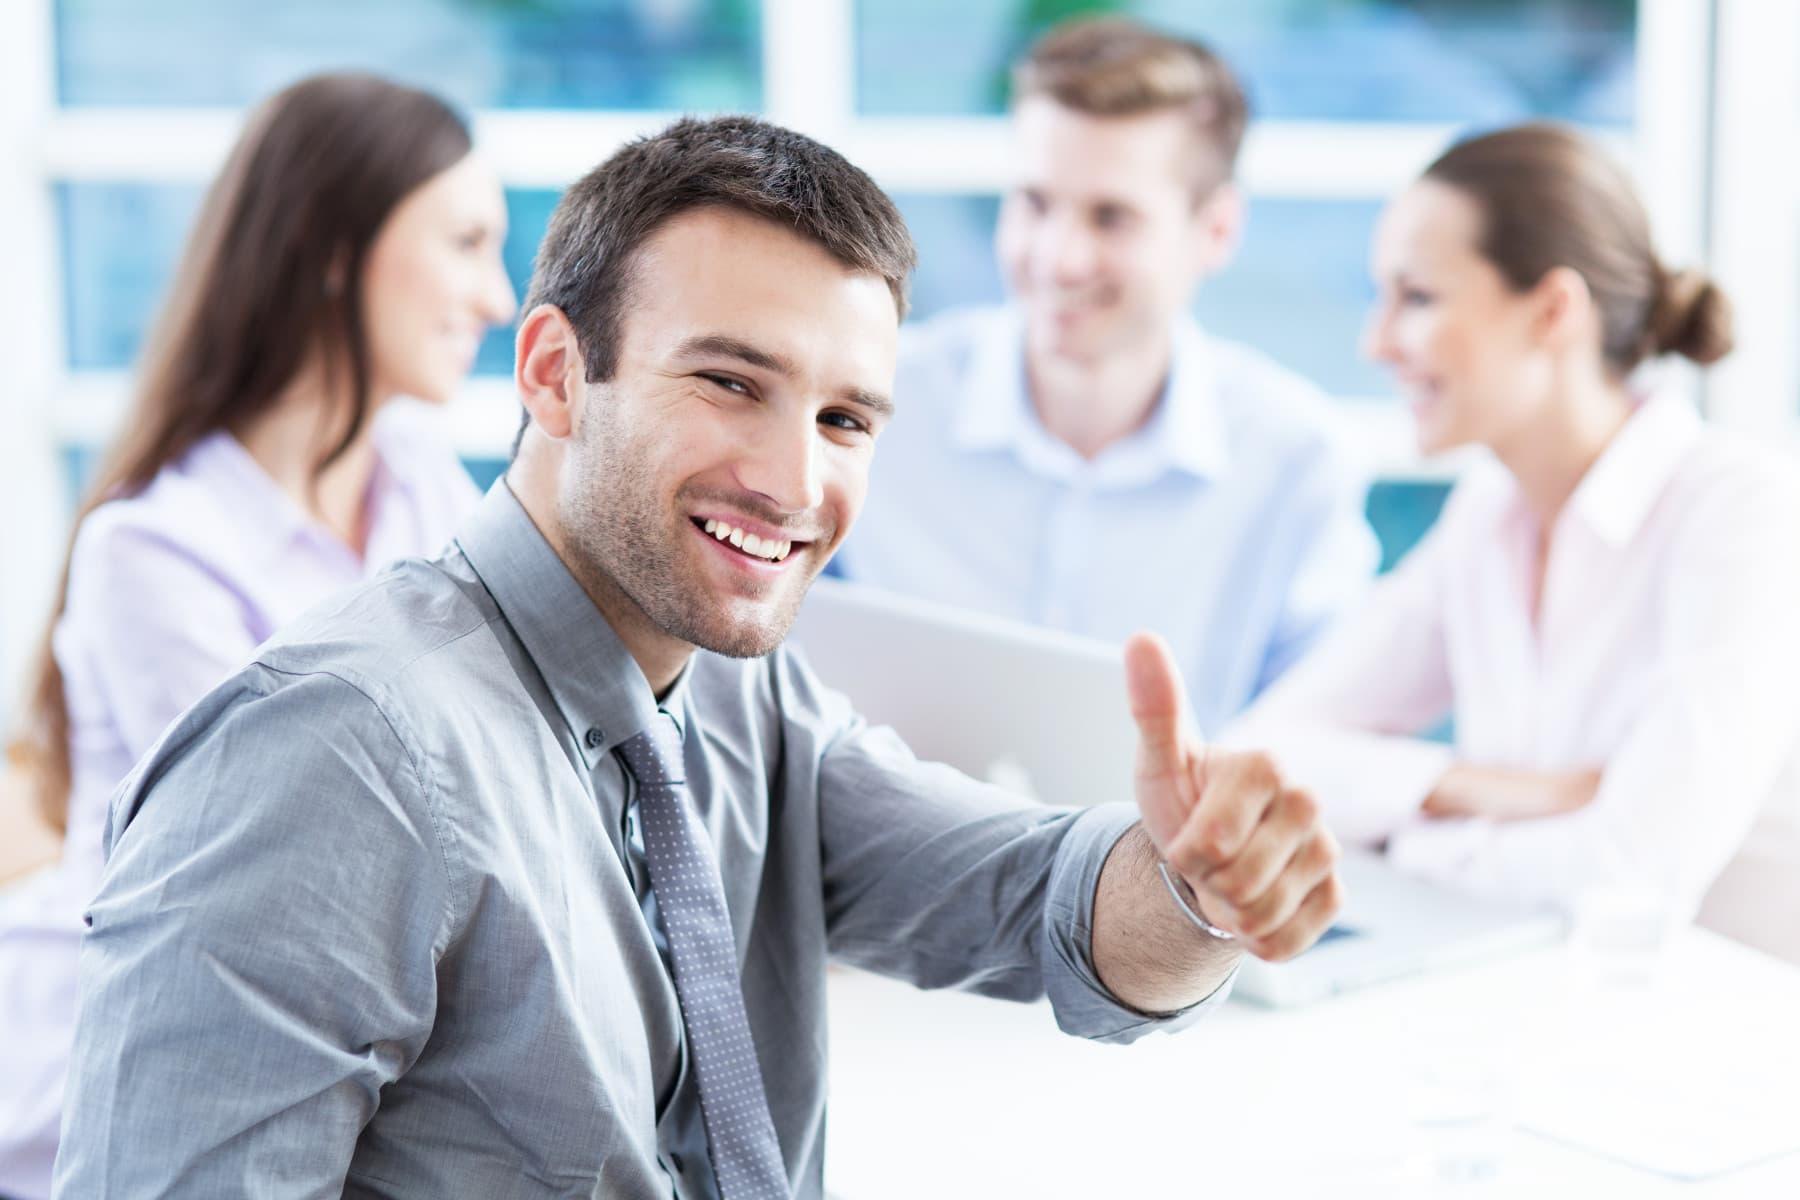 картинки довольные клиенты бизнес предоставляем